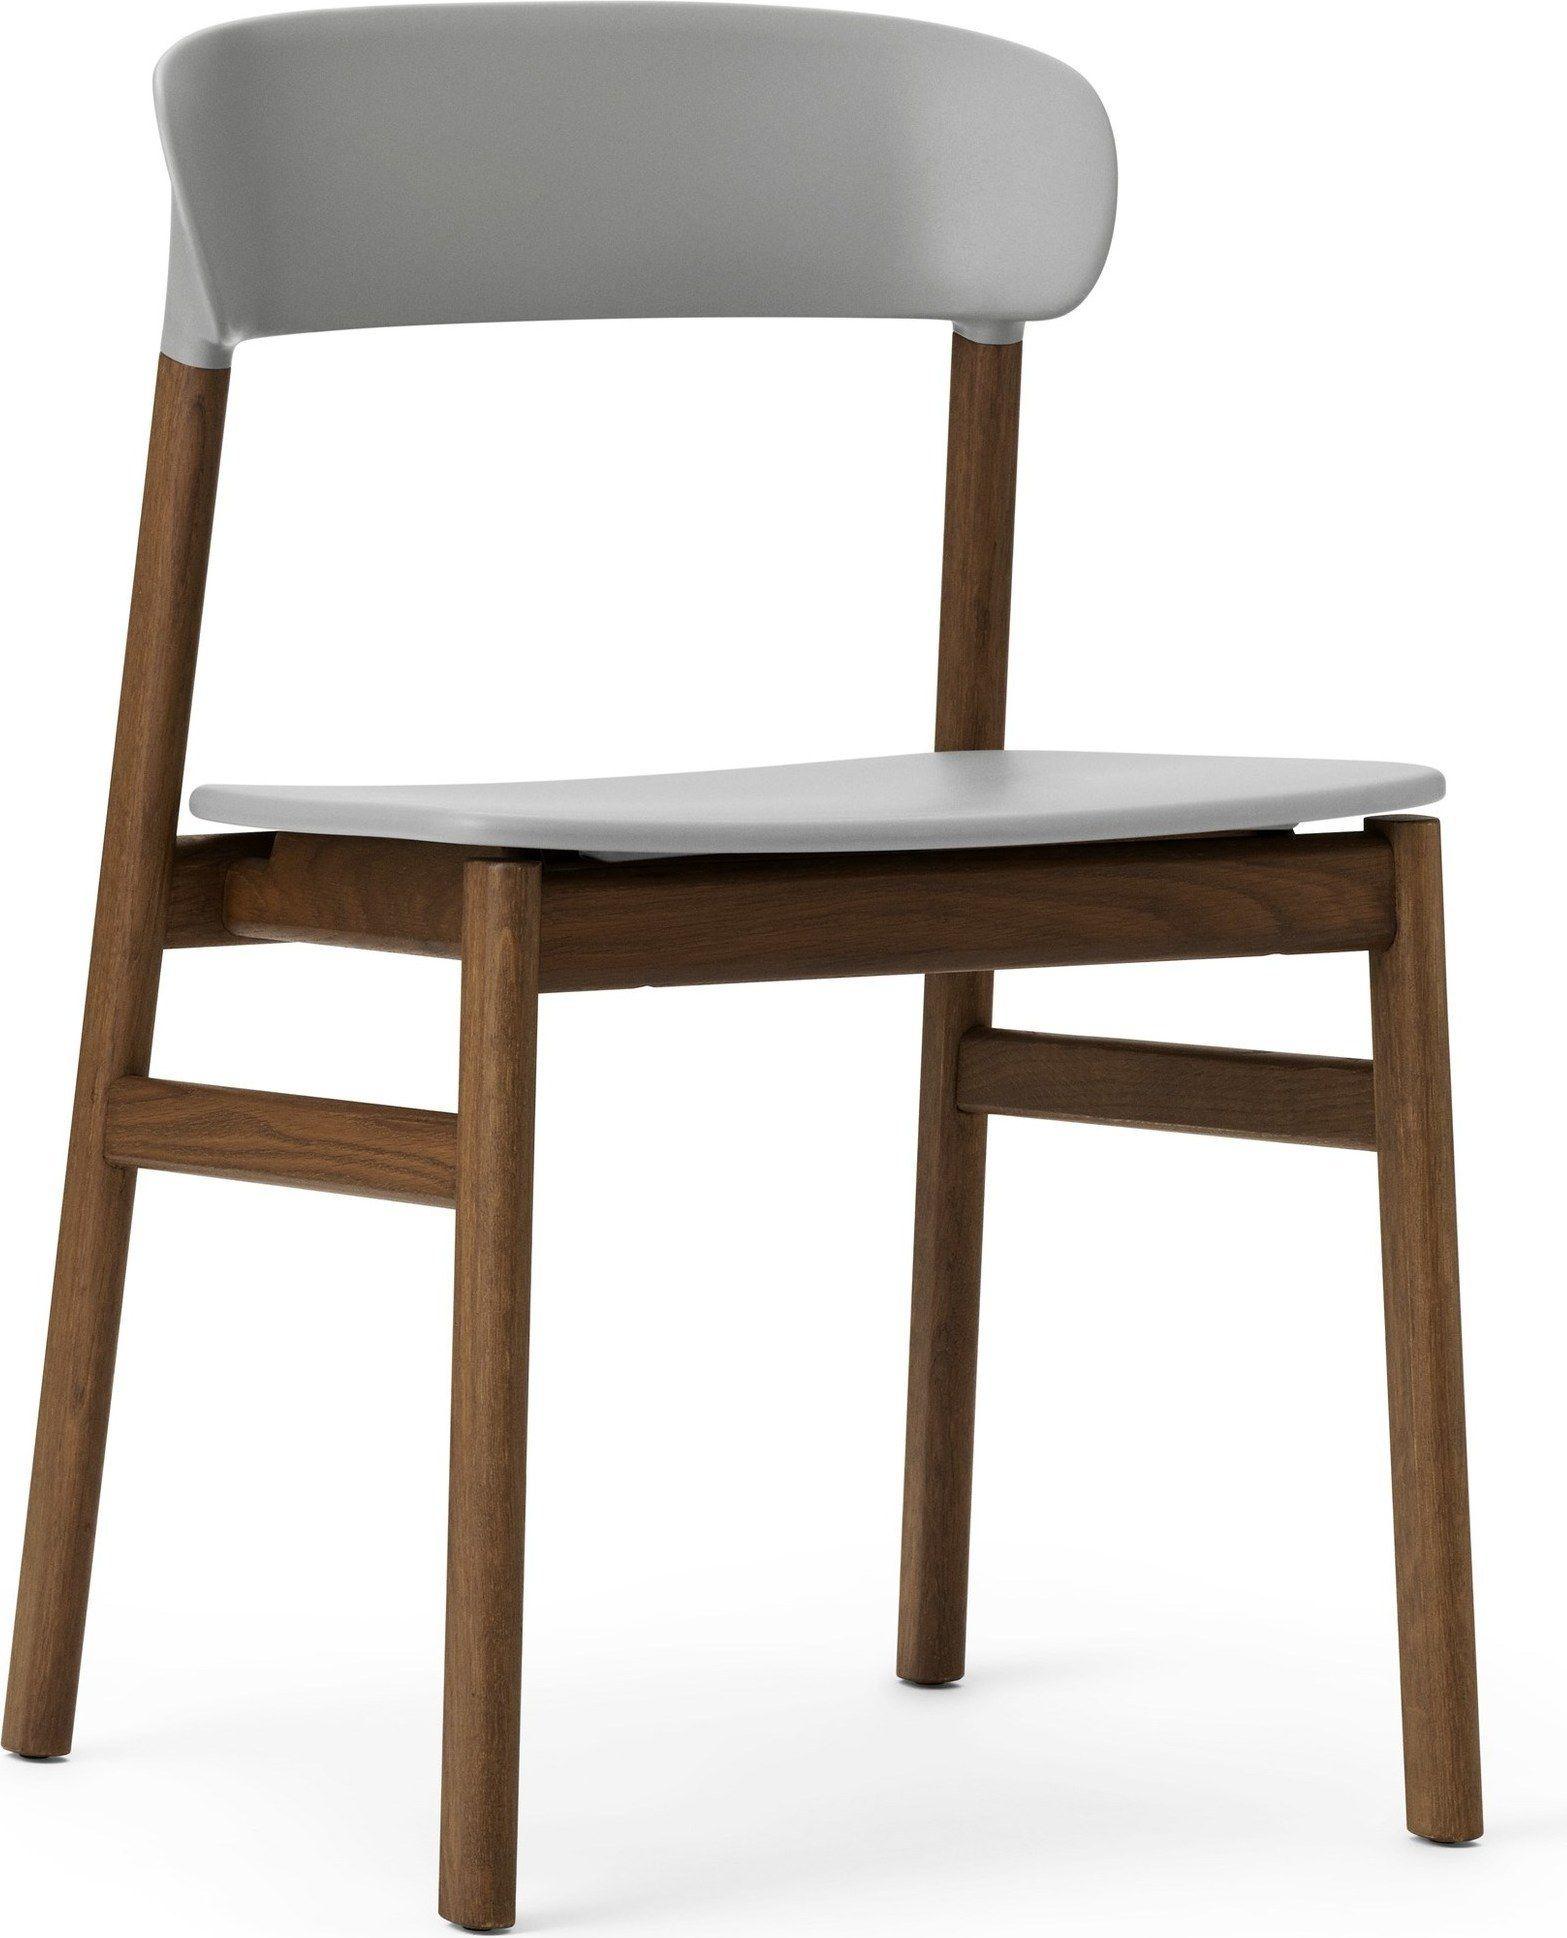 Tanie Krzesła Biurowe Poznań Krzesła Kuchenne Czarno Białe